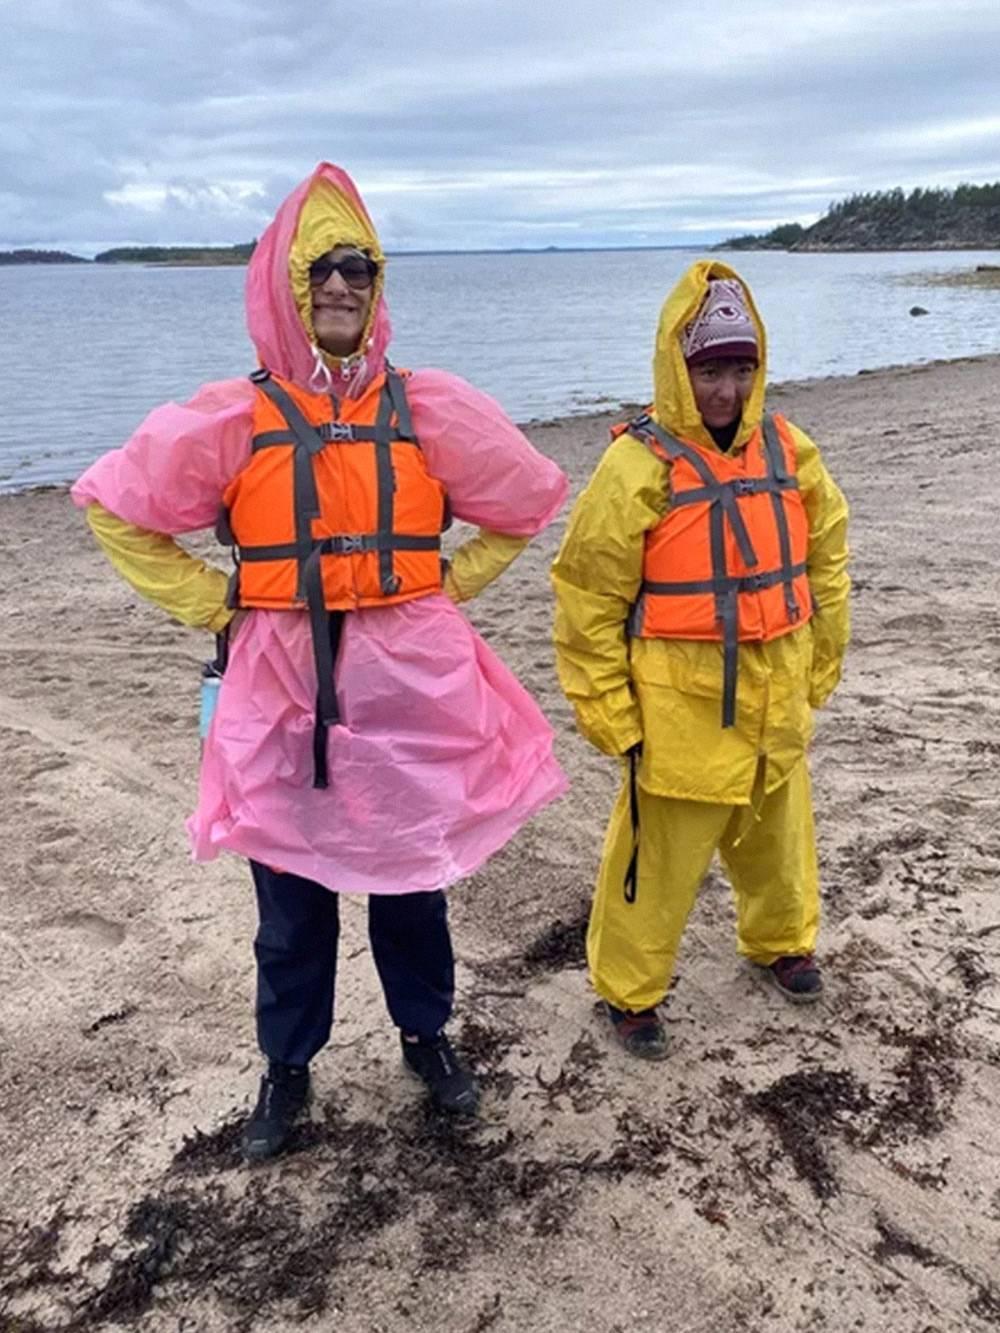 Так одет водный турист в непогоду: побольше теплых вещей и на них — непромокайка. На ногах обязательно неопреновые носки. Нашу парочку прозвали Патрик и Спанч Боб